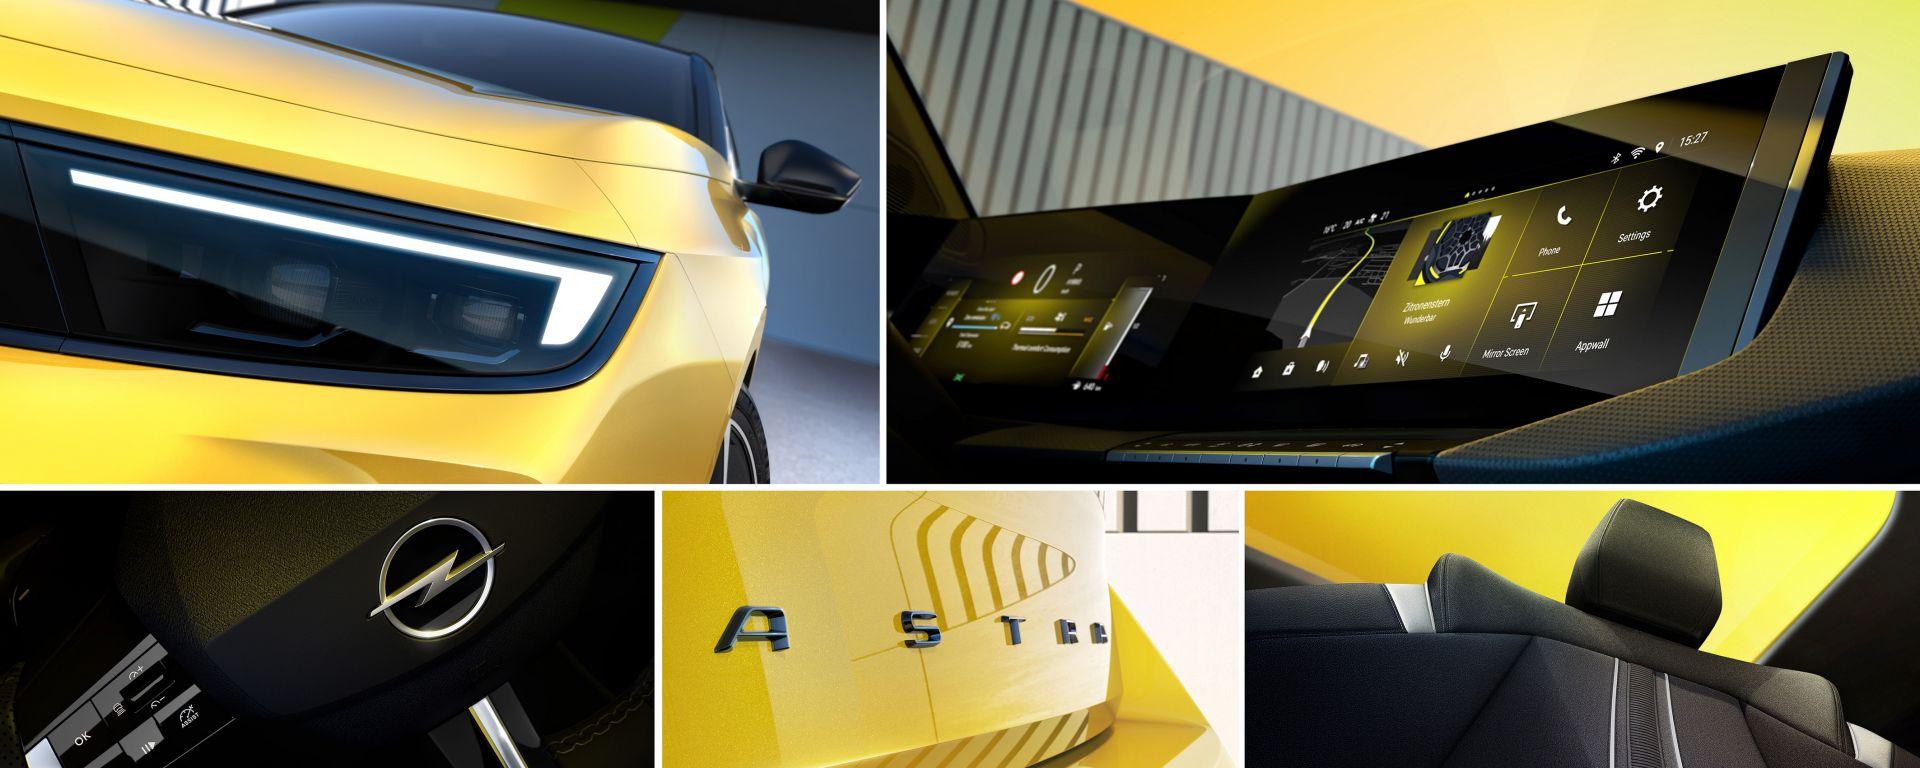 Nuova Opel Astra: quasi pronta per il tappeto rosso